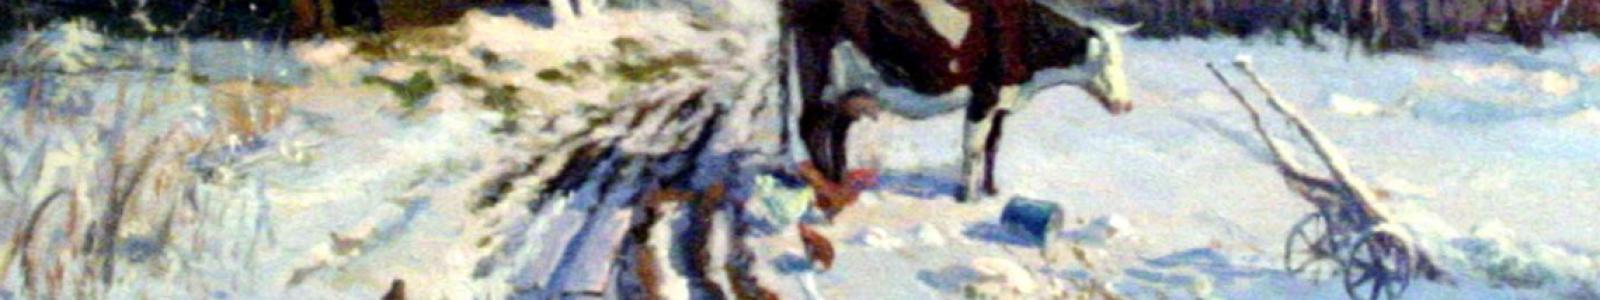 Gallery Painter EVGENU BUCHNEV